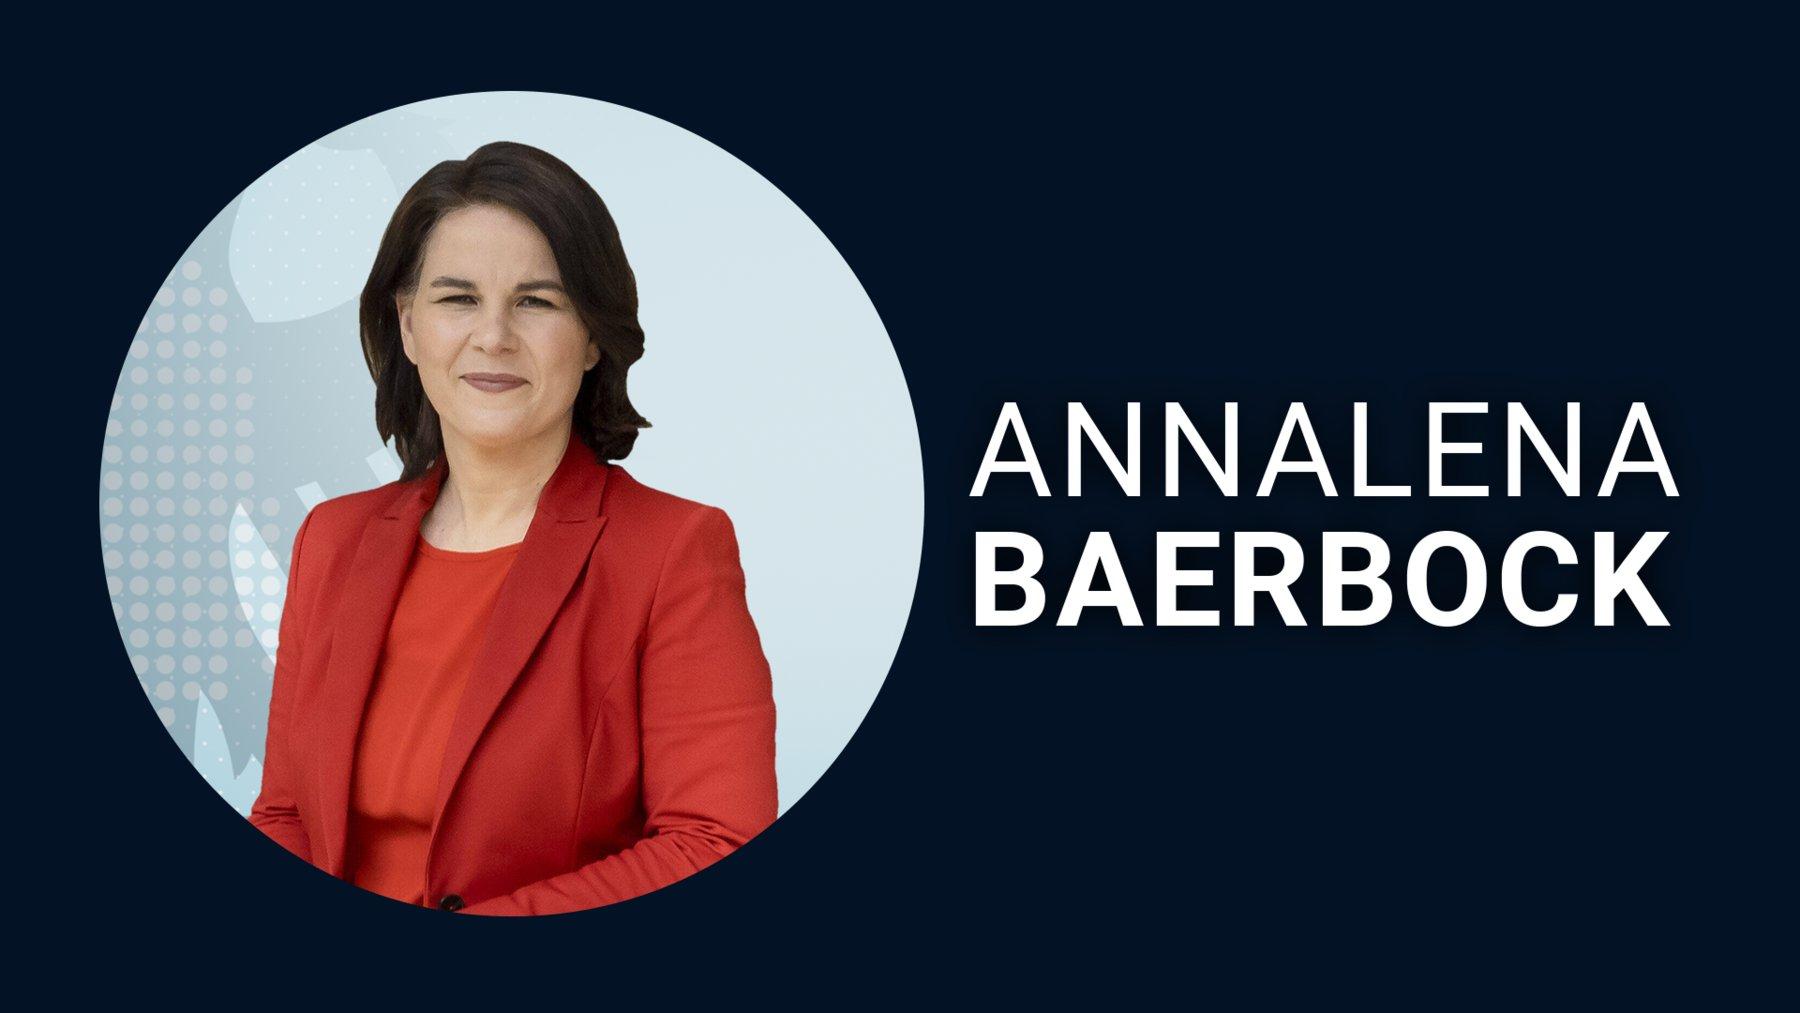 Annalena Baerbock für Bündnis90/Die Grünen